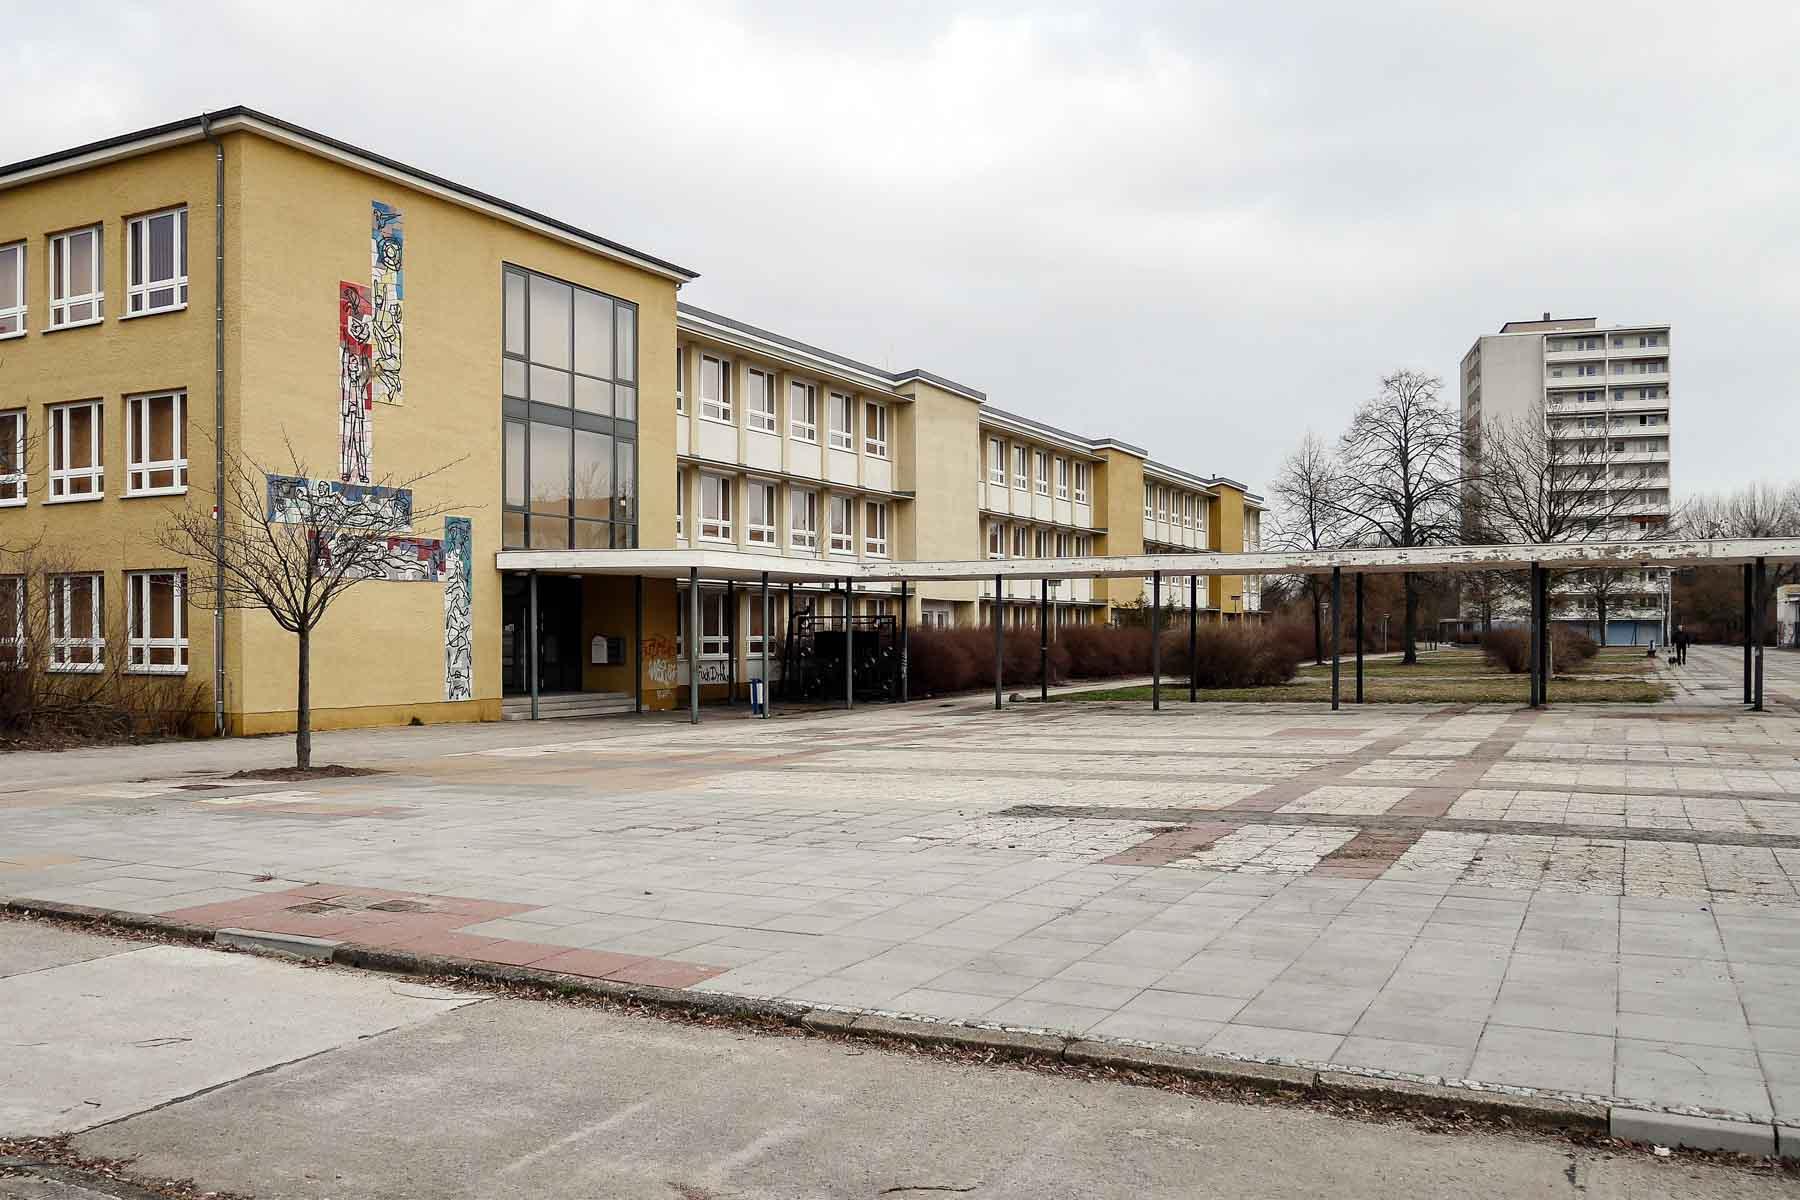 Ostmoderne Architektur Eisenhüttenstadt